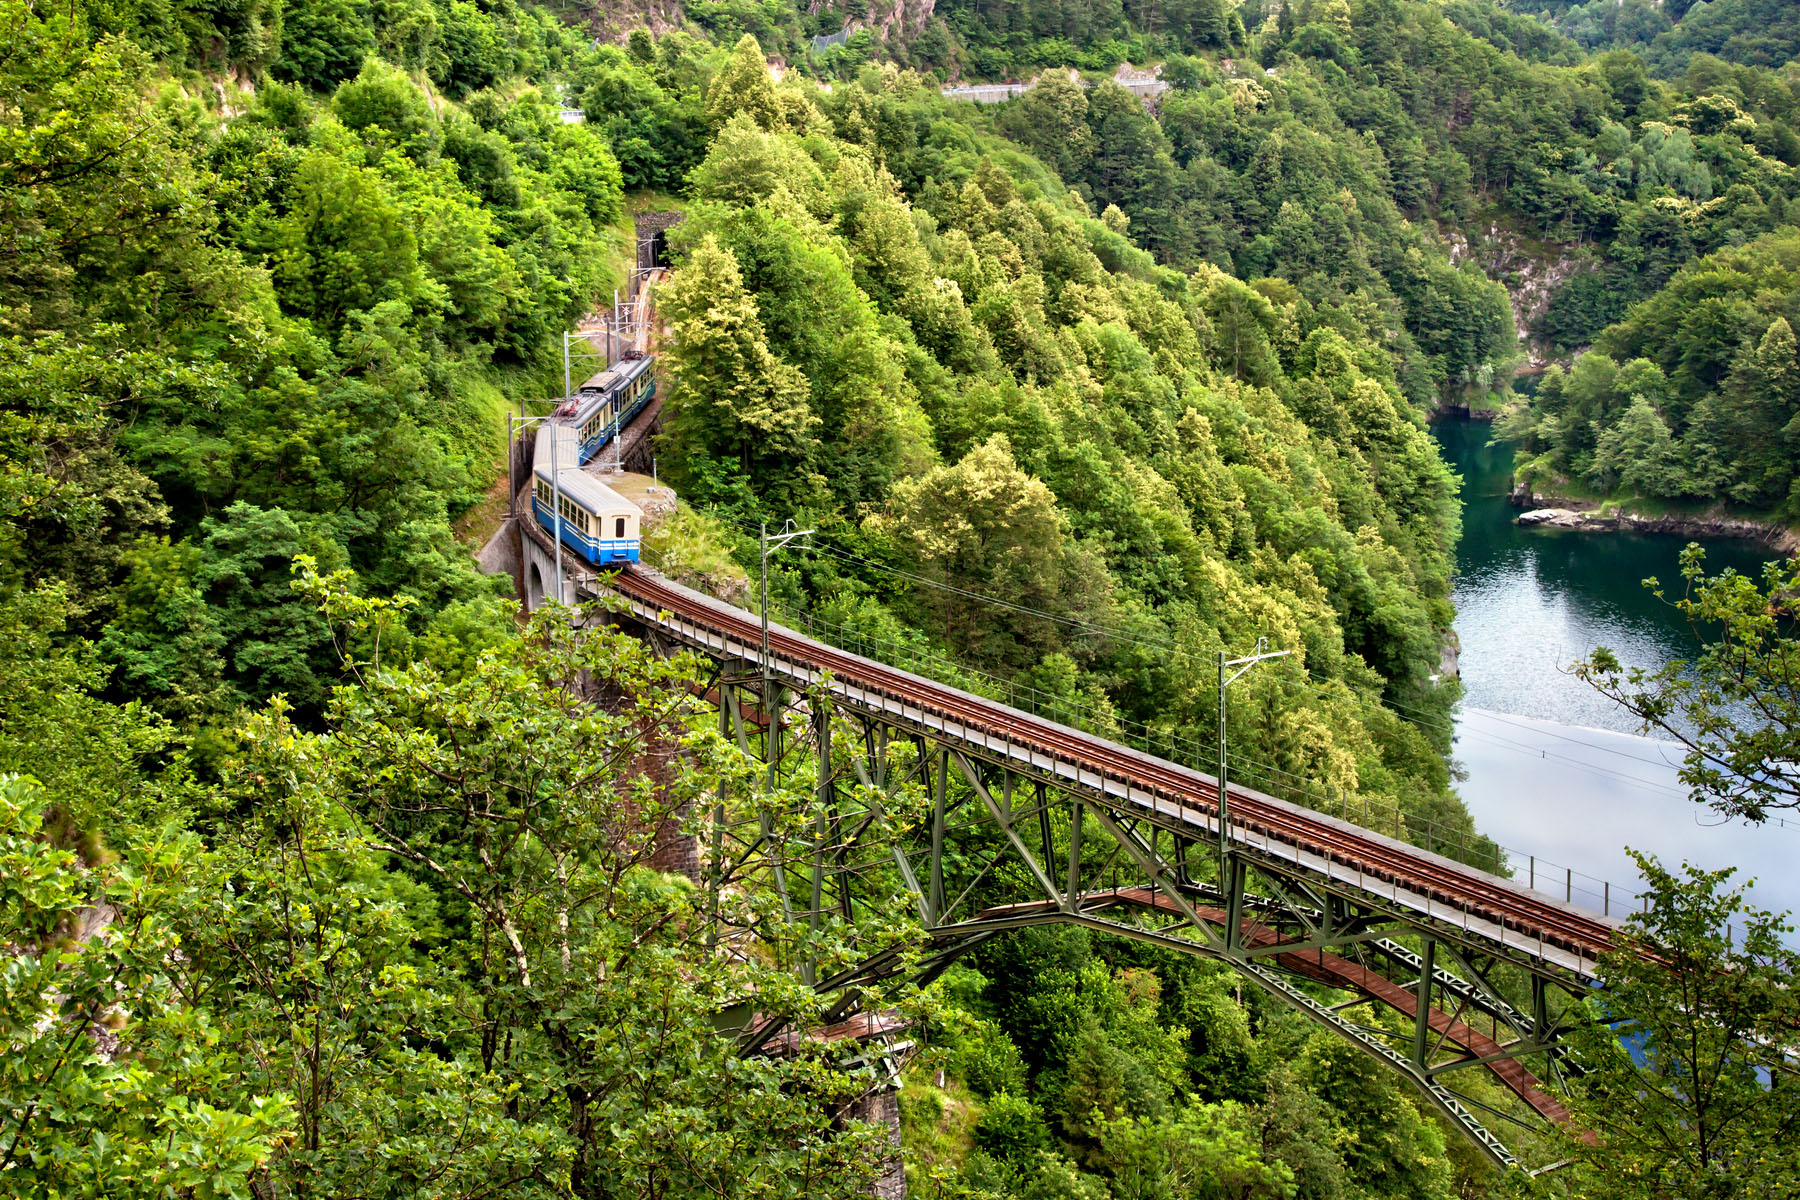 A train near Locarno